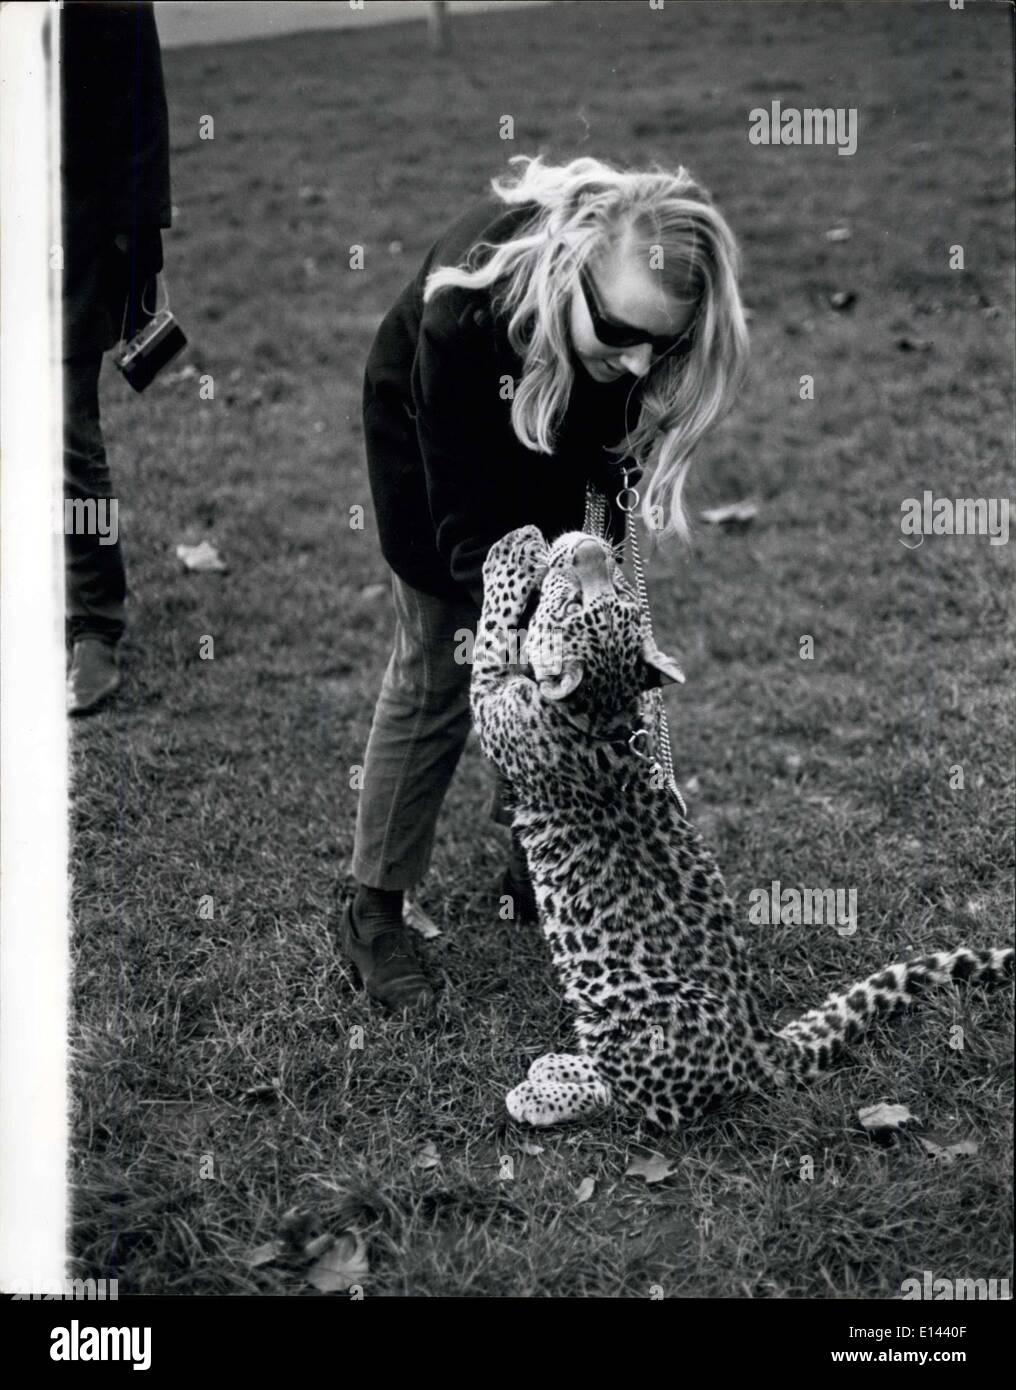 Abril 04, 2012 - 2.5 Michael es un simpático joven leopard - él es sólo una pequeña en el momento, pero pronto él Foto de stock